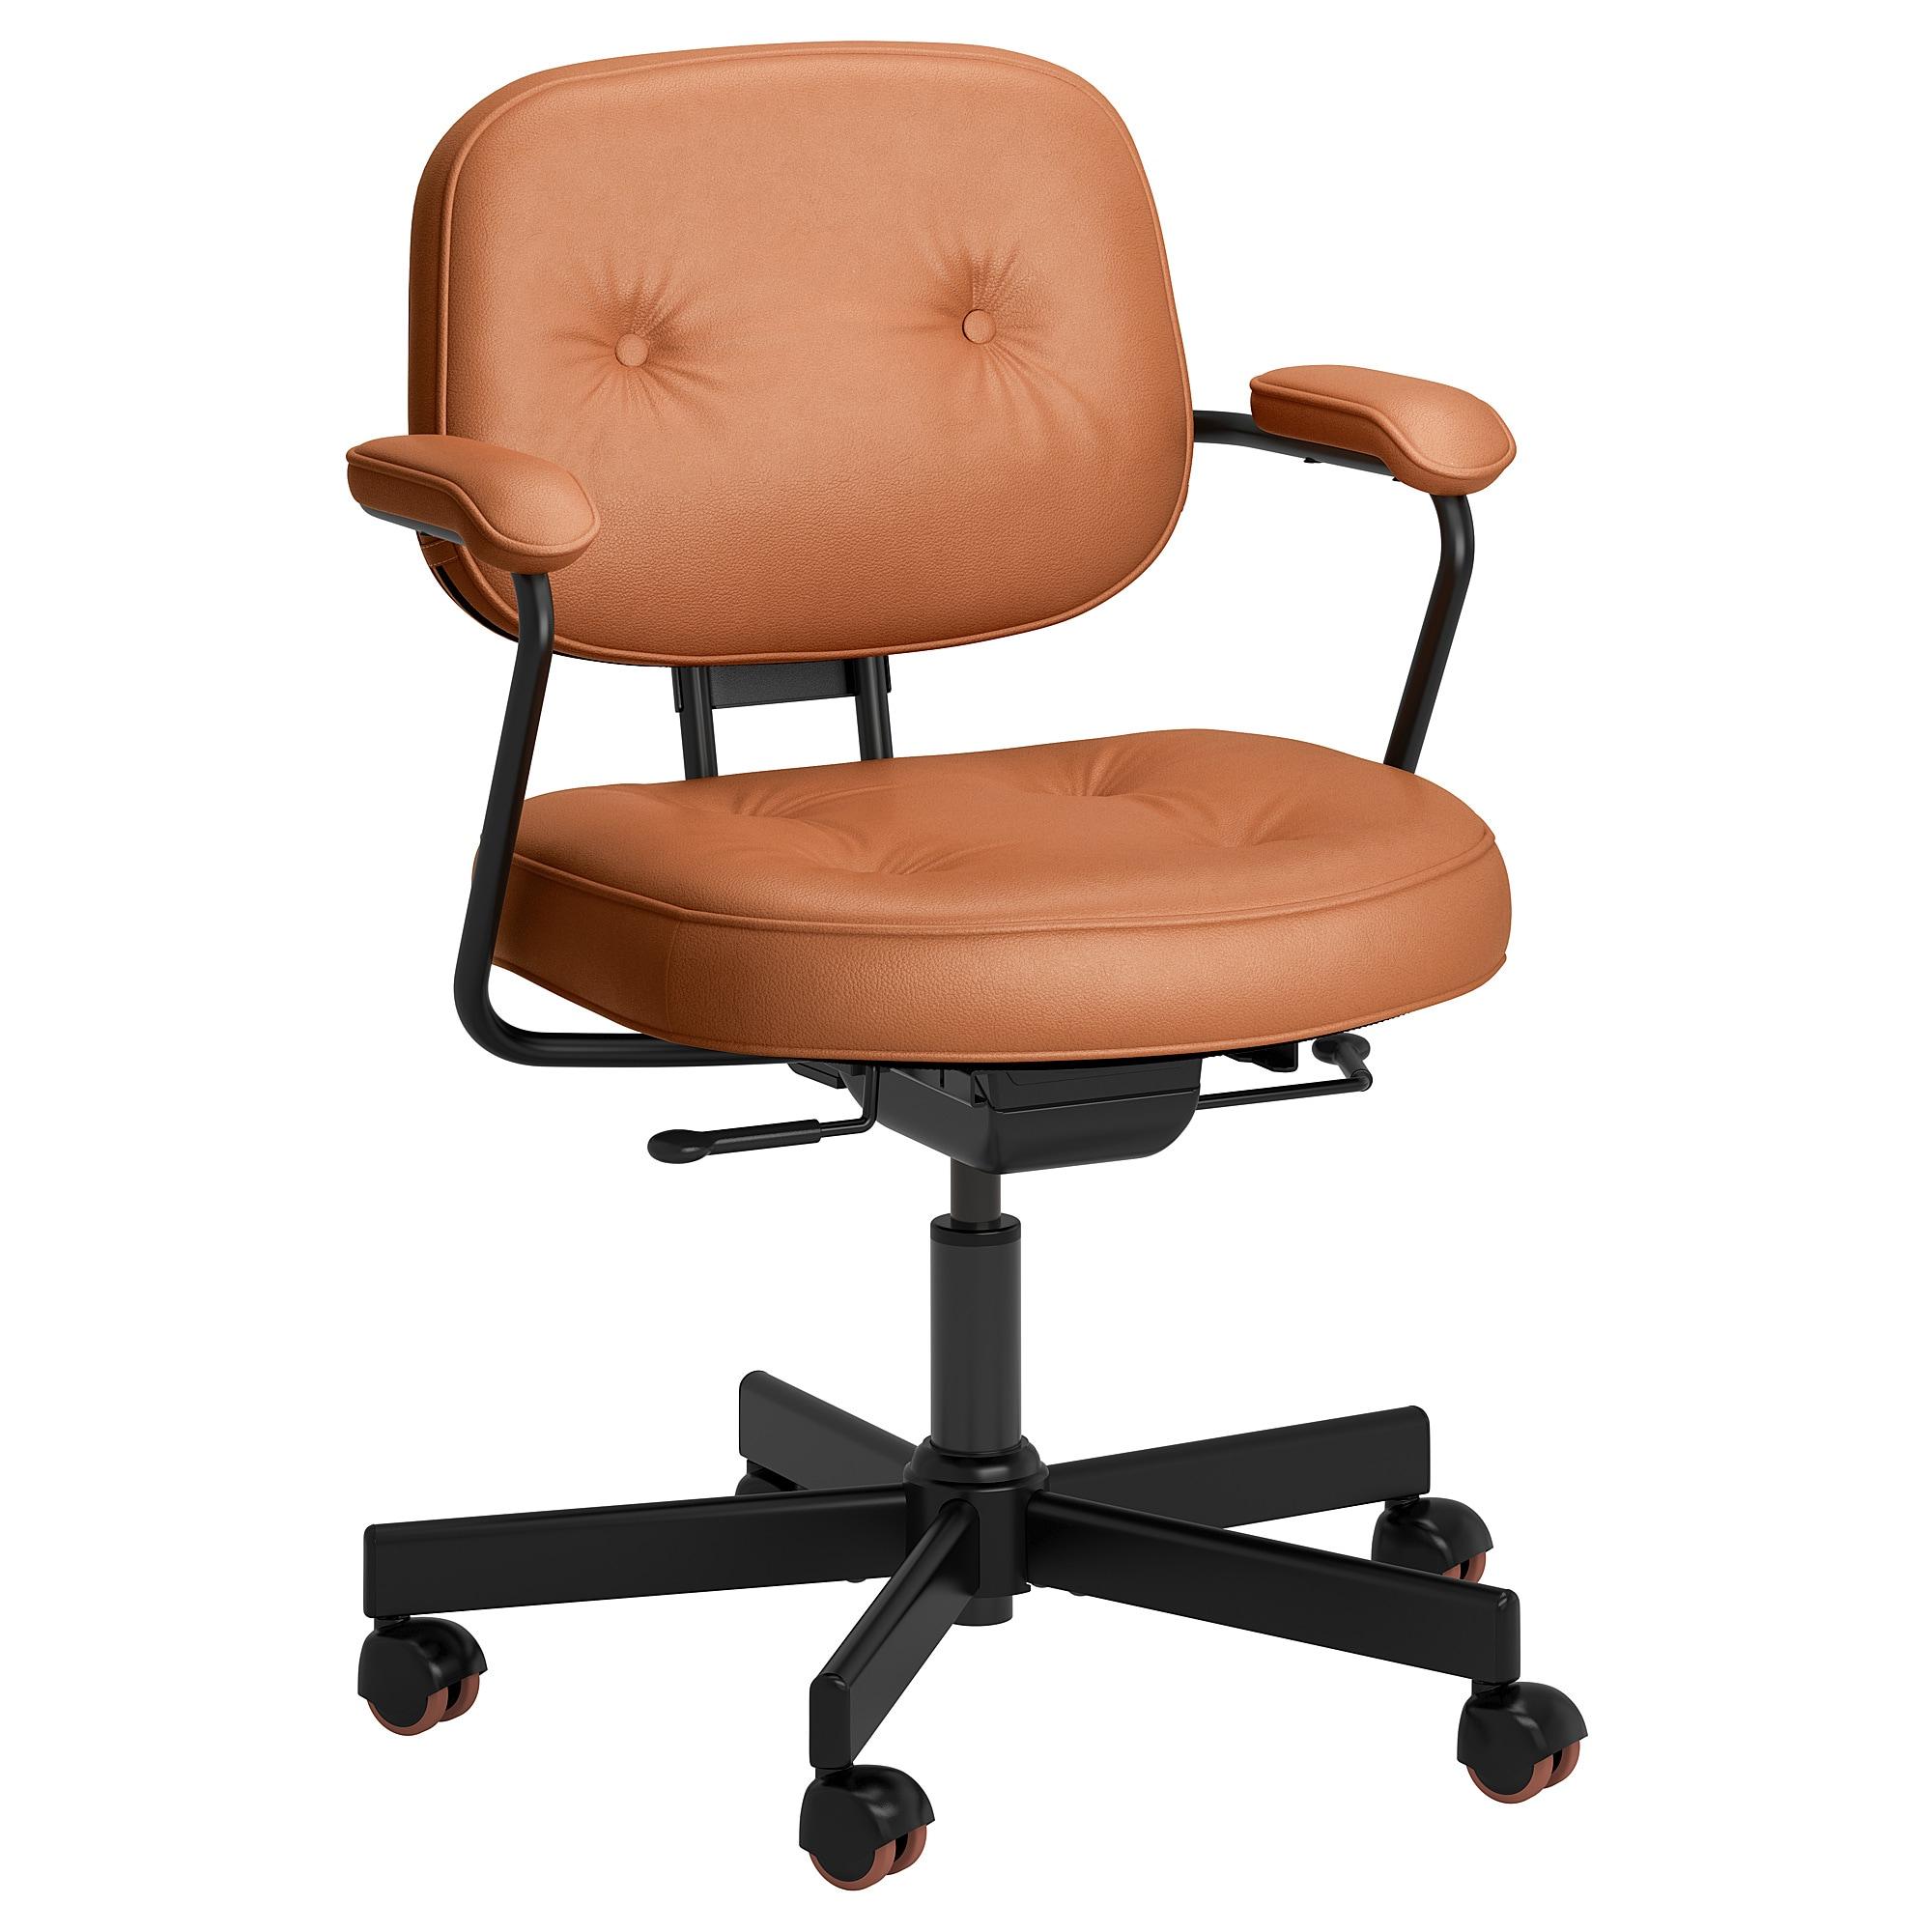 Ikea Sillas Despacho Mndw Sillas De Oficina Y Sillas De Trabajo Pra Online Ikea